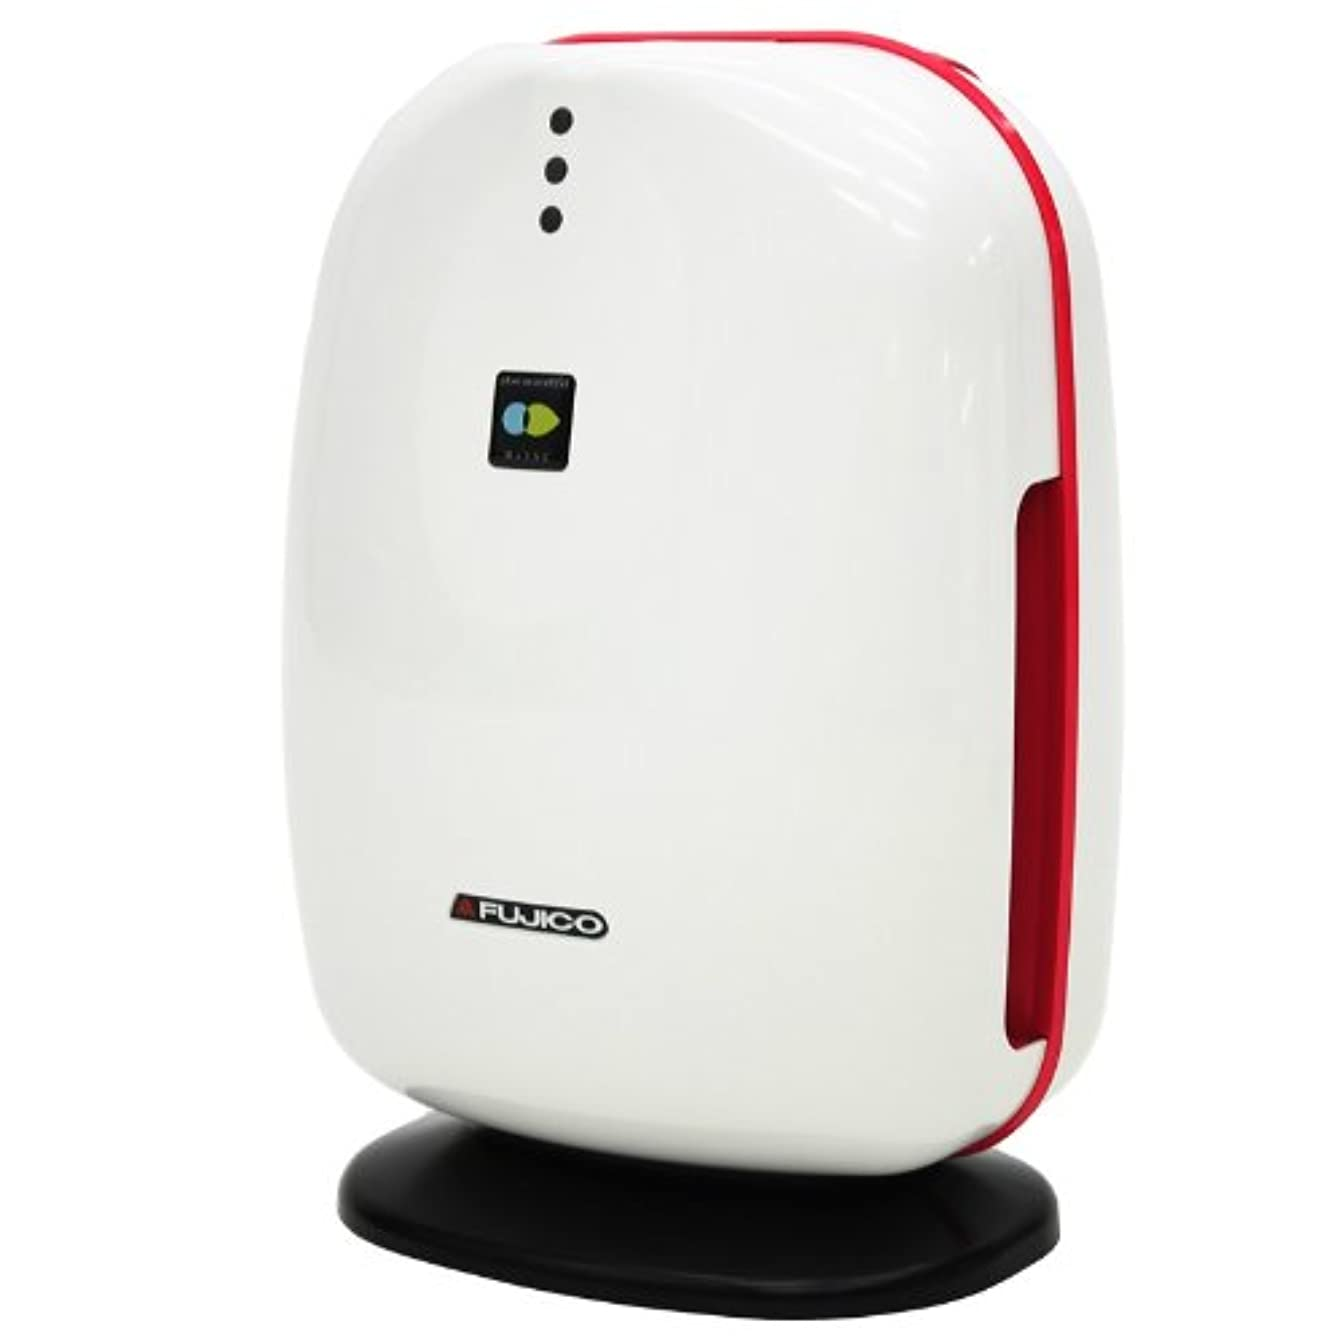 登録する膿瘍殉教者空気消臭除菌装置マスククリーンMC-V2 ピンク